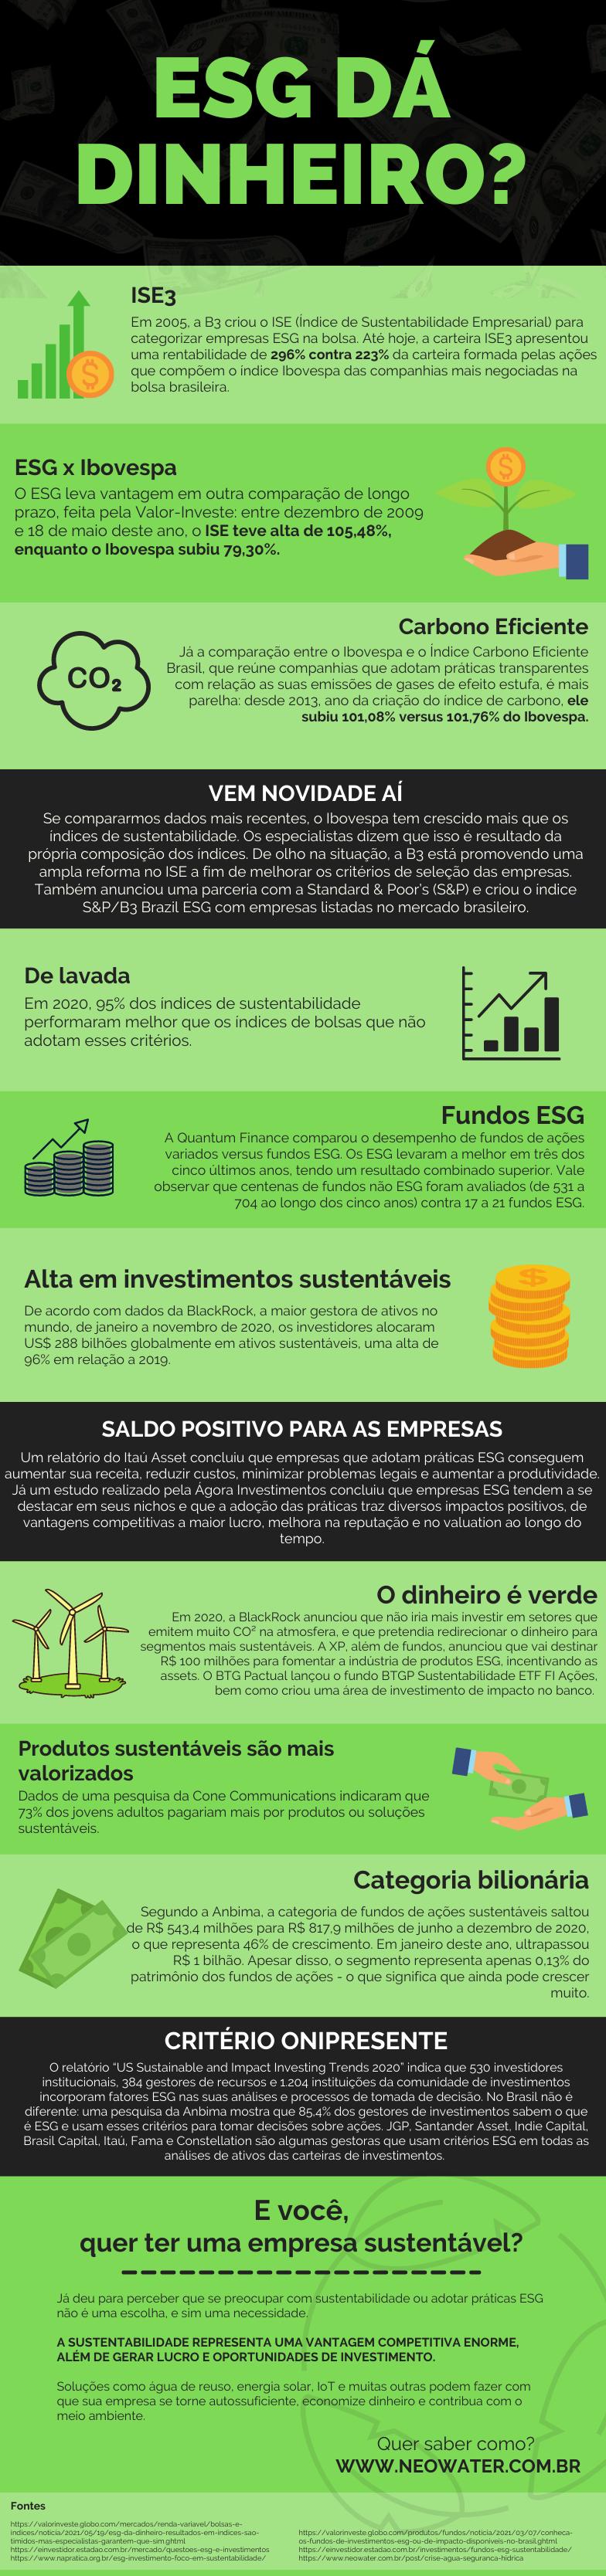 Infográfico sobre investimentos e fundos ESG